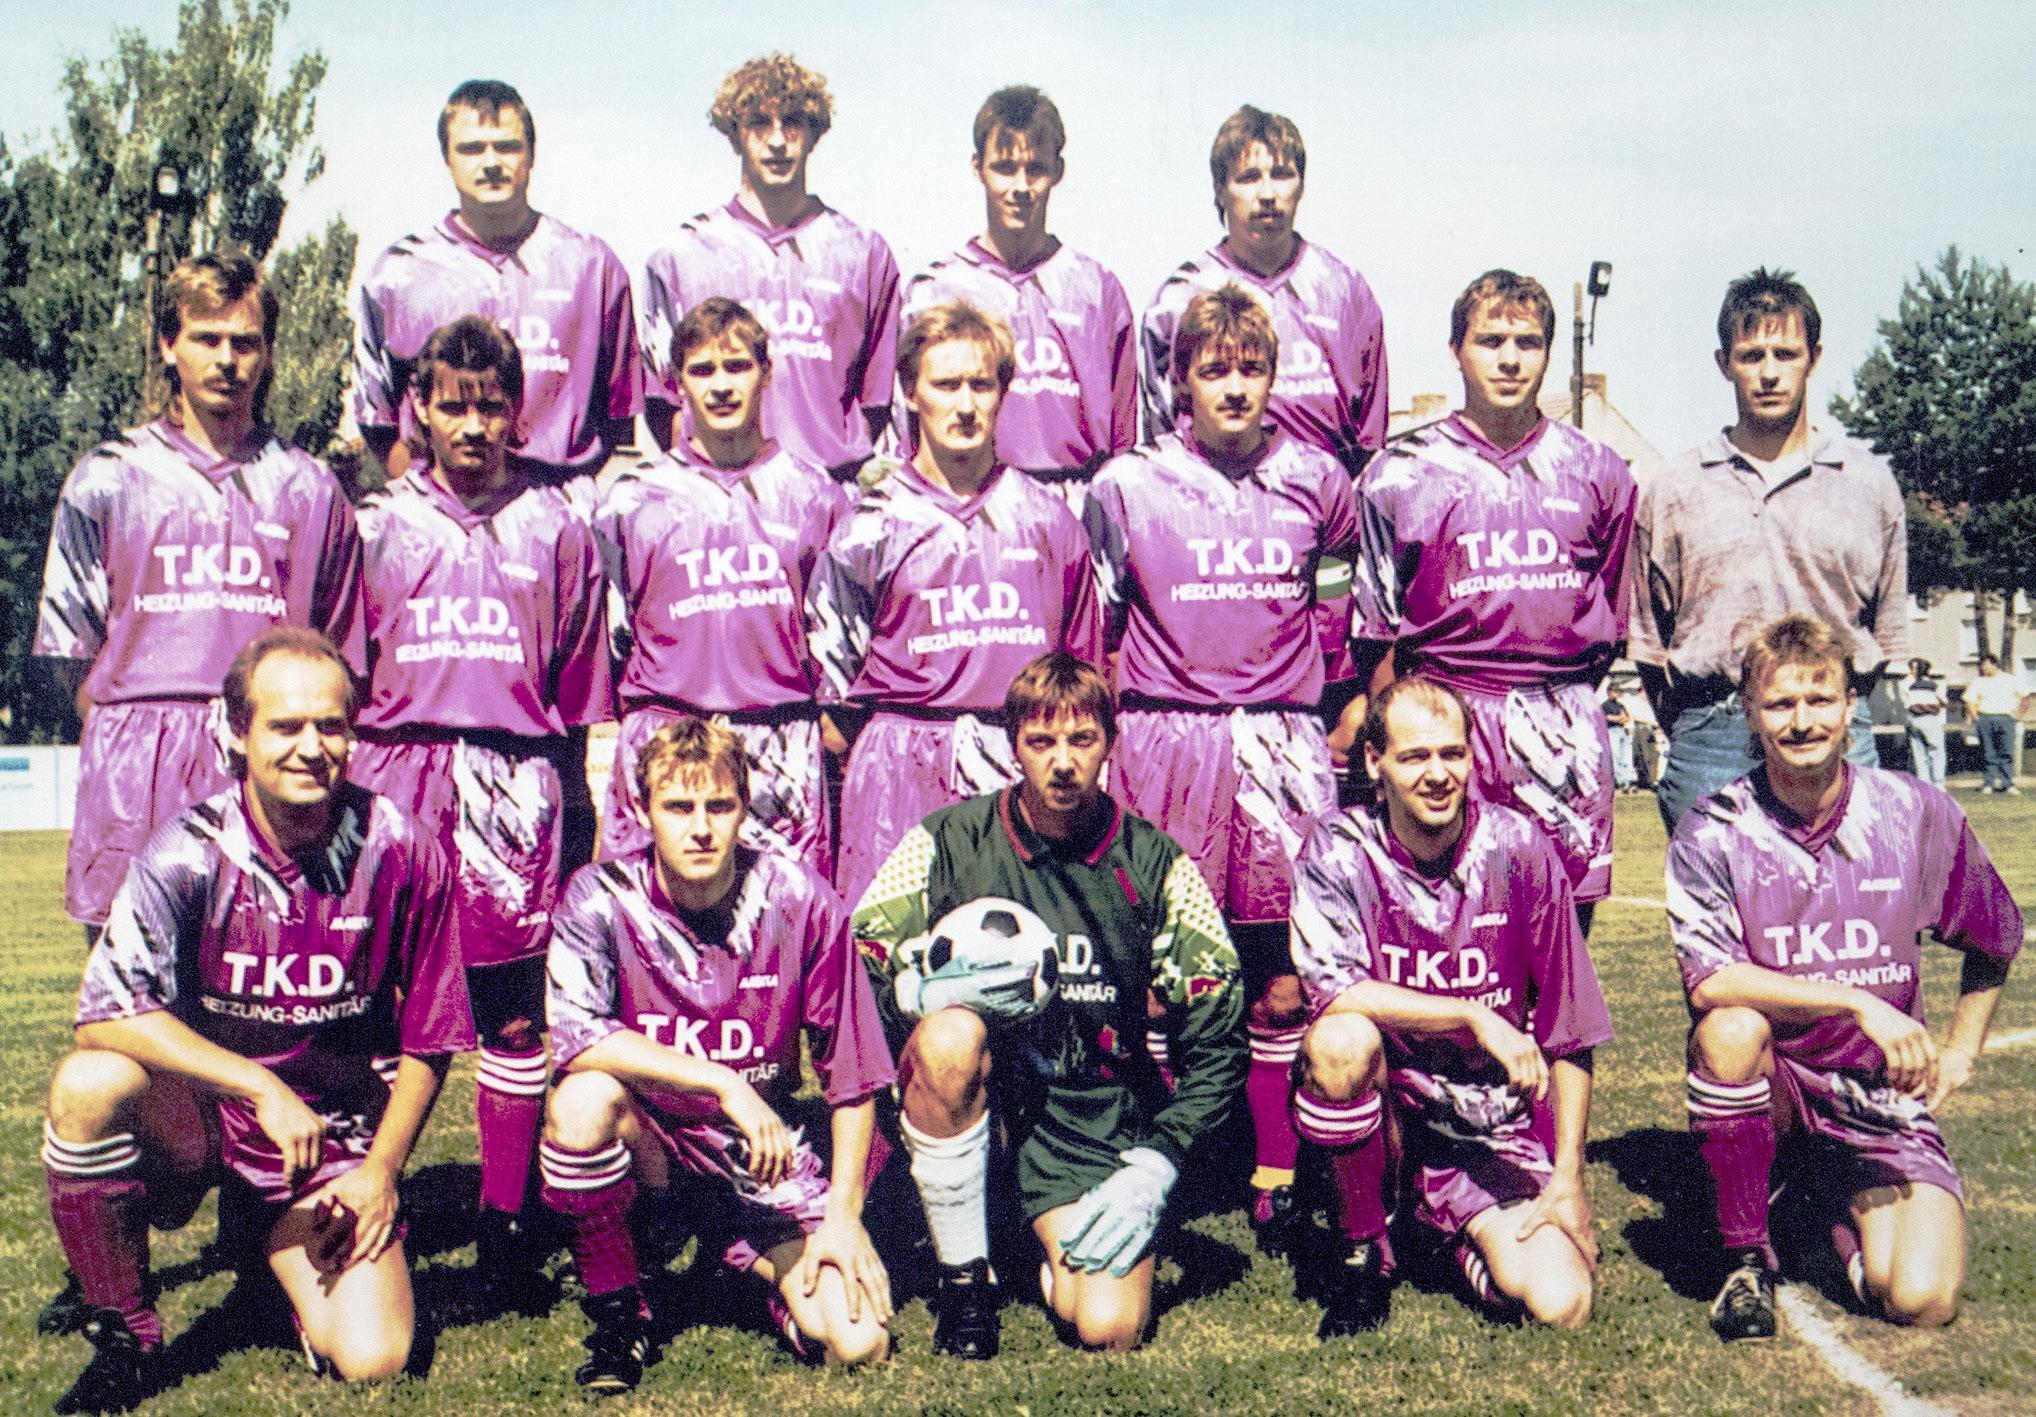 Der FC Rot-Weiß ganz in Lila: ein Mannschaftsfoto aus den frühen 1990er Jahren. Fotos: Archiv FC Rot-Weiß Nennhausen